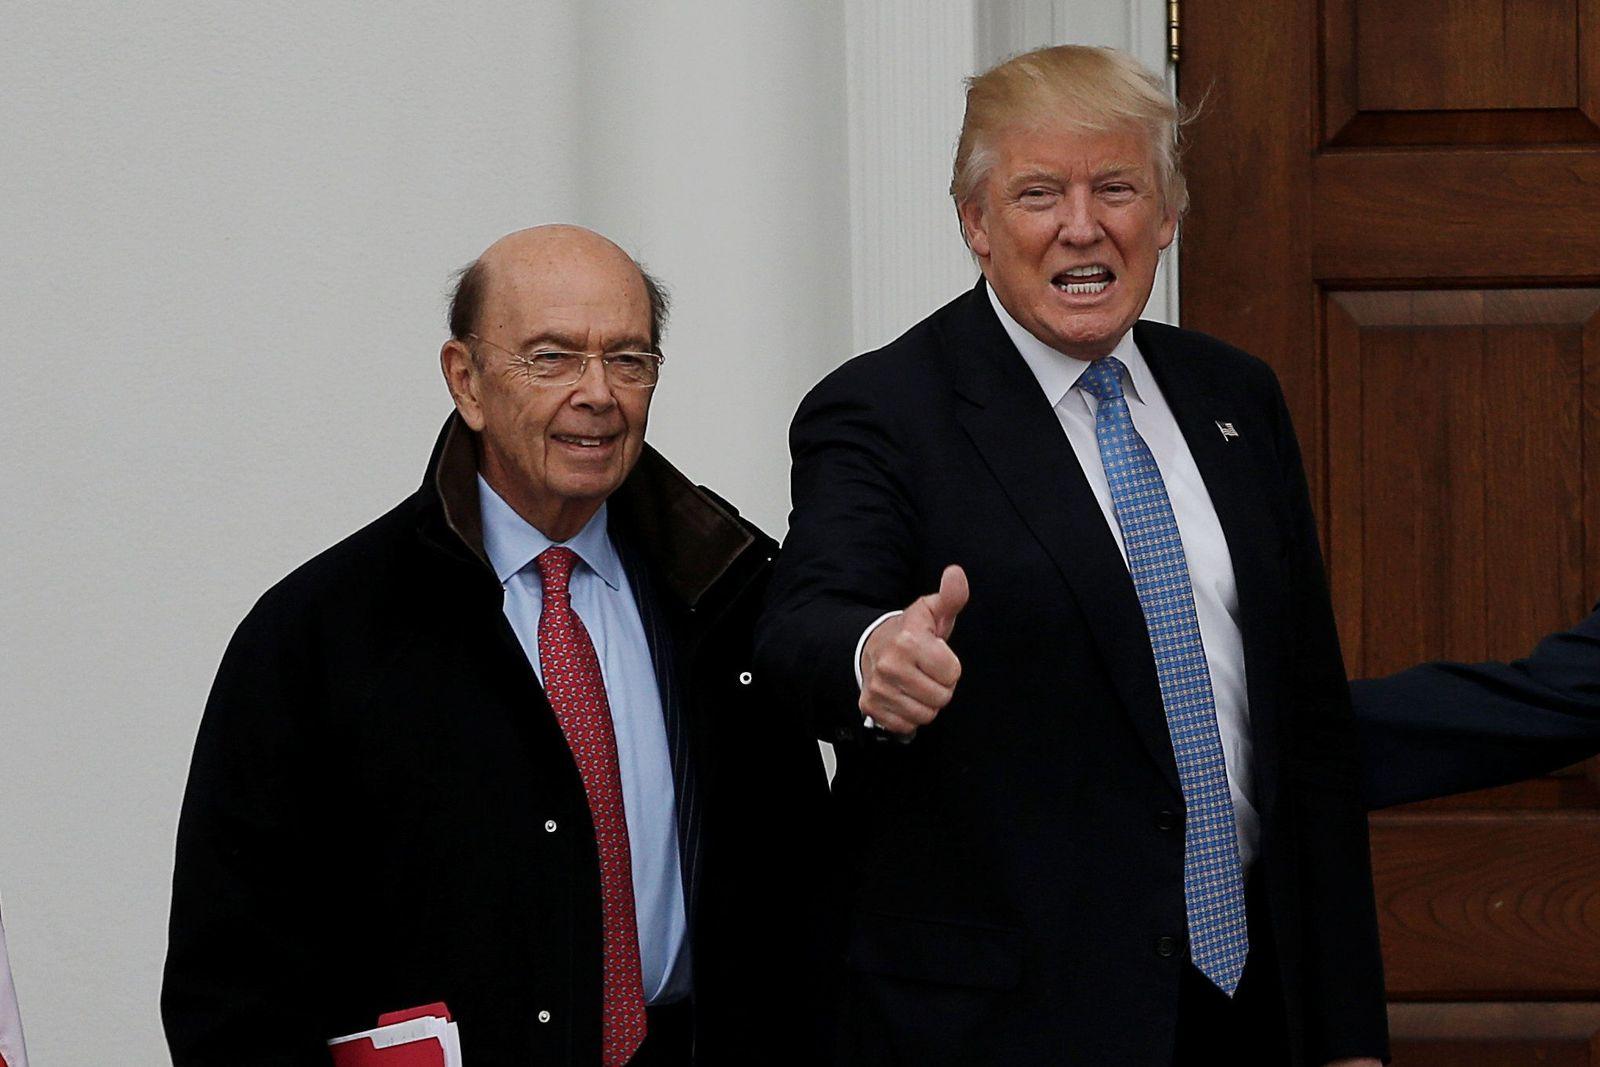 Trump / Wilbur Ross